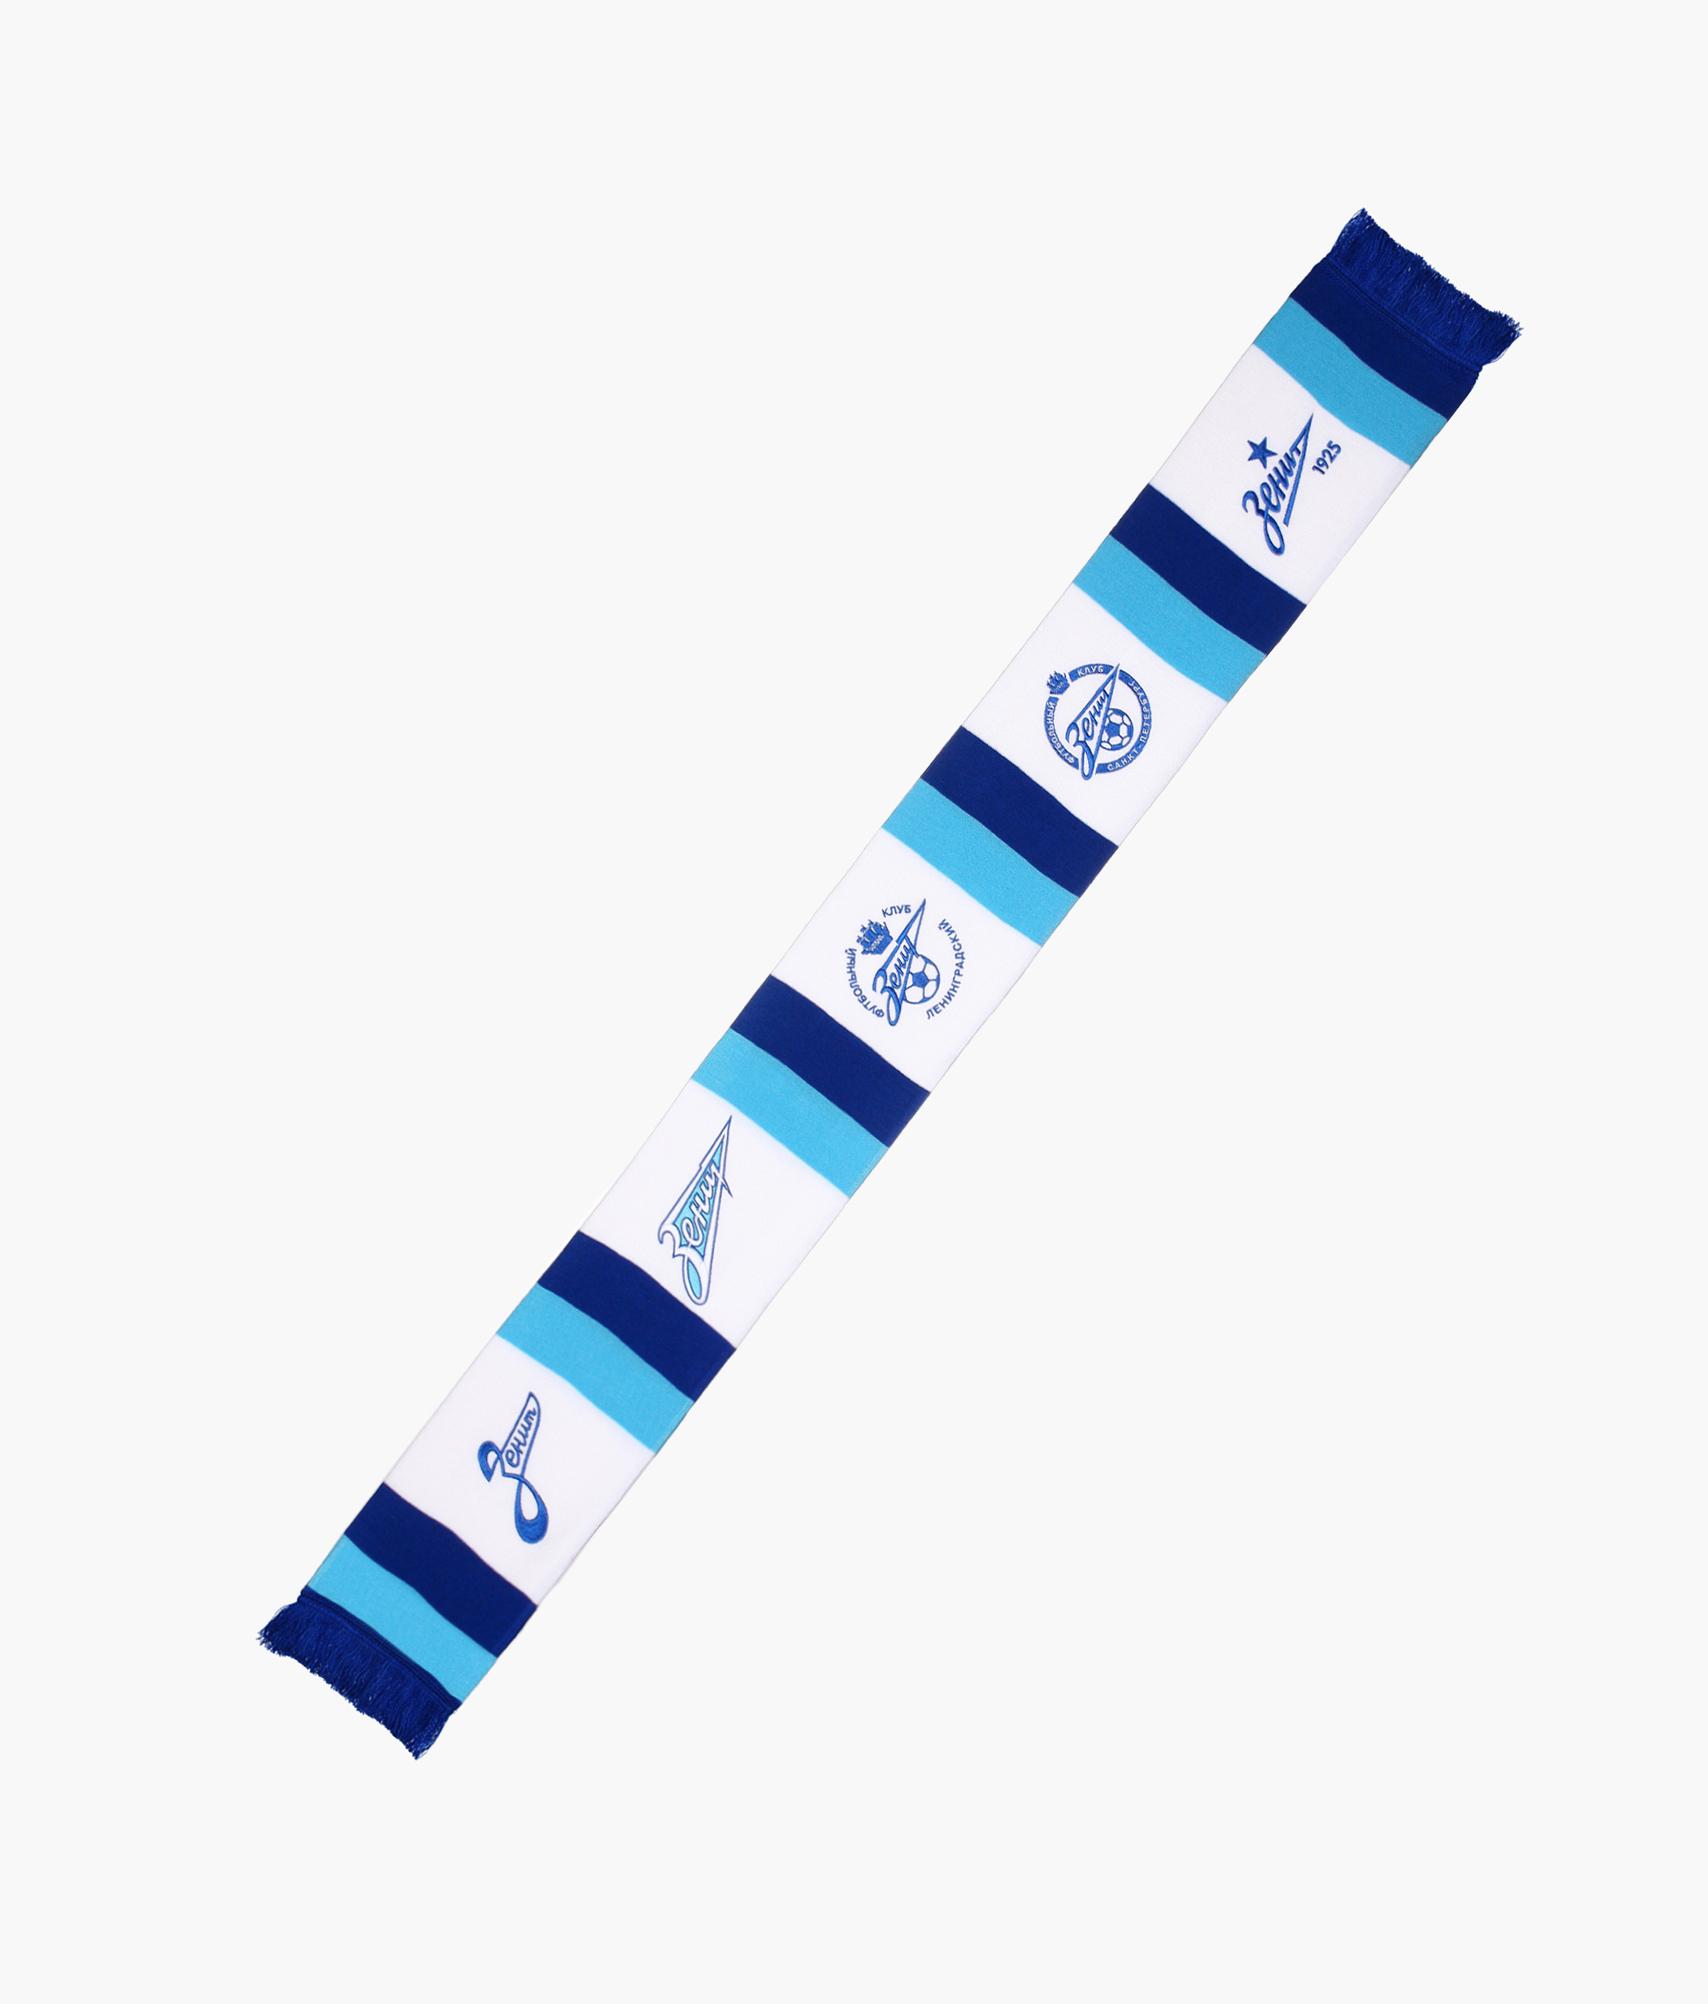 Шарф трикотажный «Пять логотипов» Зенит шарфы calipso шарф